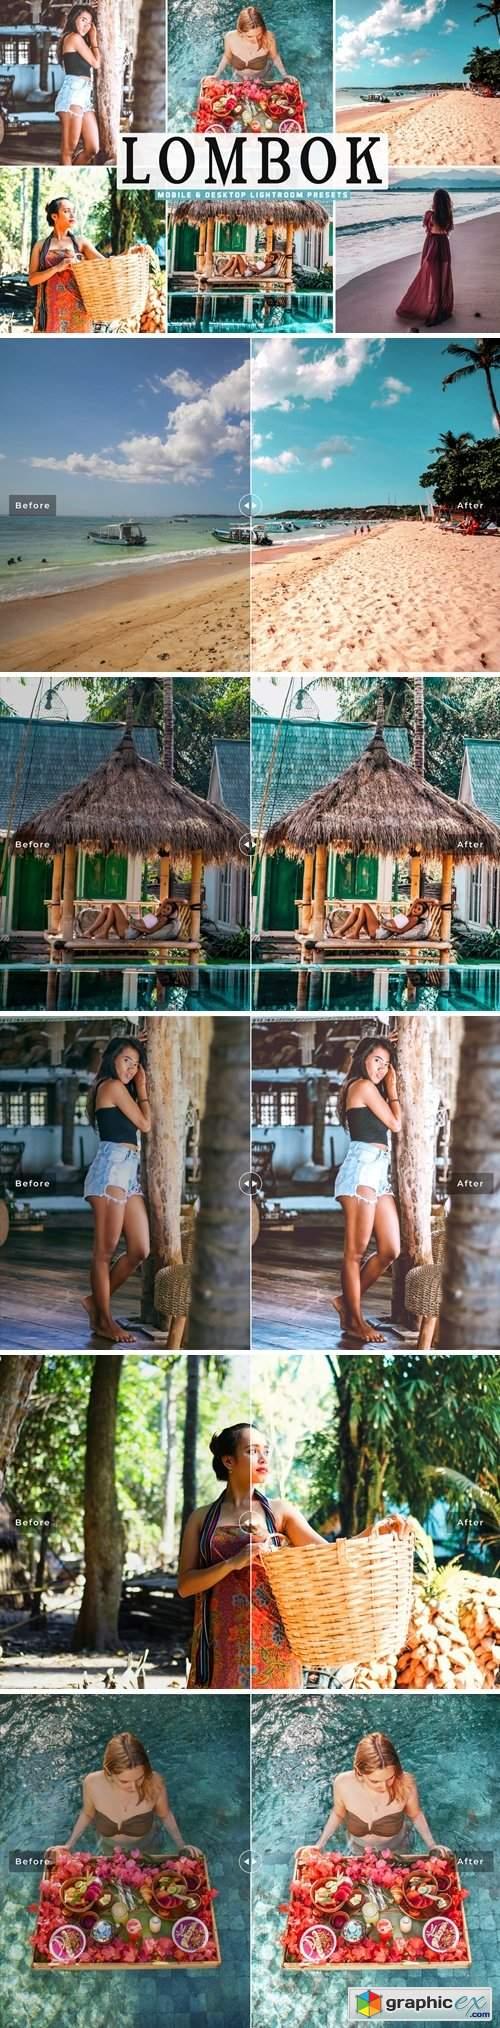 Lombok Mobile & Desktop Lightroom Presets